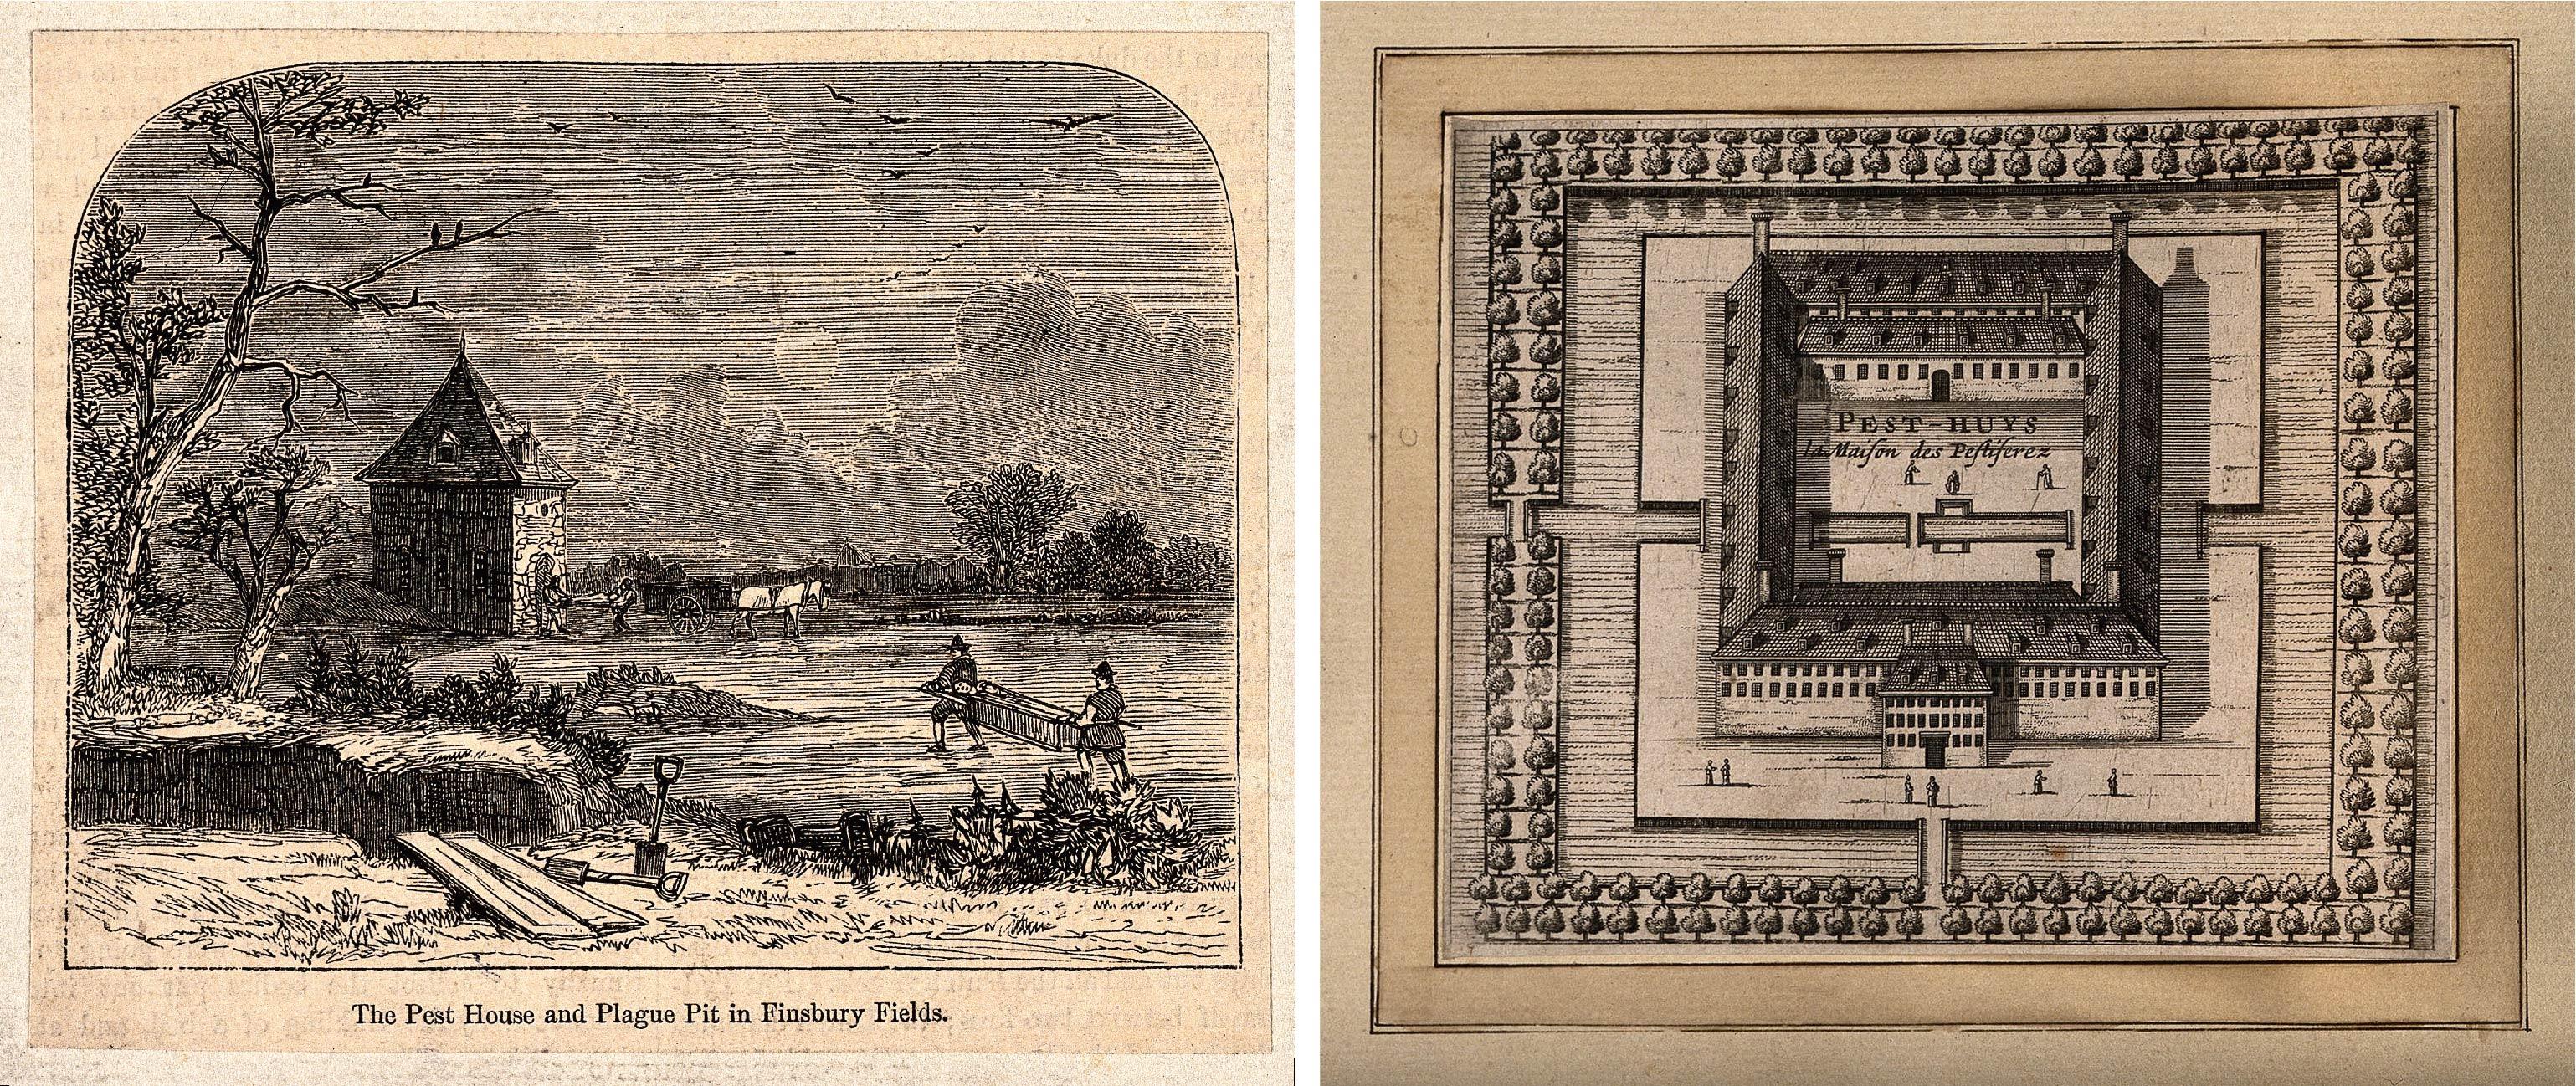 左圖為過去所有隔離簡易的木屋形式,後來也出現系統化、大規模建蓋,低樓層沒有窗戶、單一出入口,隔離所中間有活動空地,外圍則以河流、樹叢環繞,阻擋「瘴氣」飄散,右圖為近現代荷蘭萊頓的瘟疫收容所。圖│(左)Moorfields, London, Wiki /(右)Wellcome Library